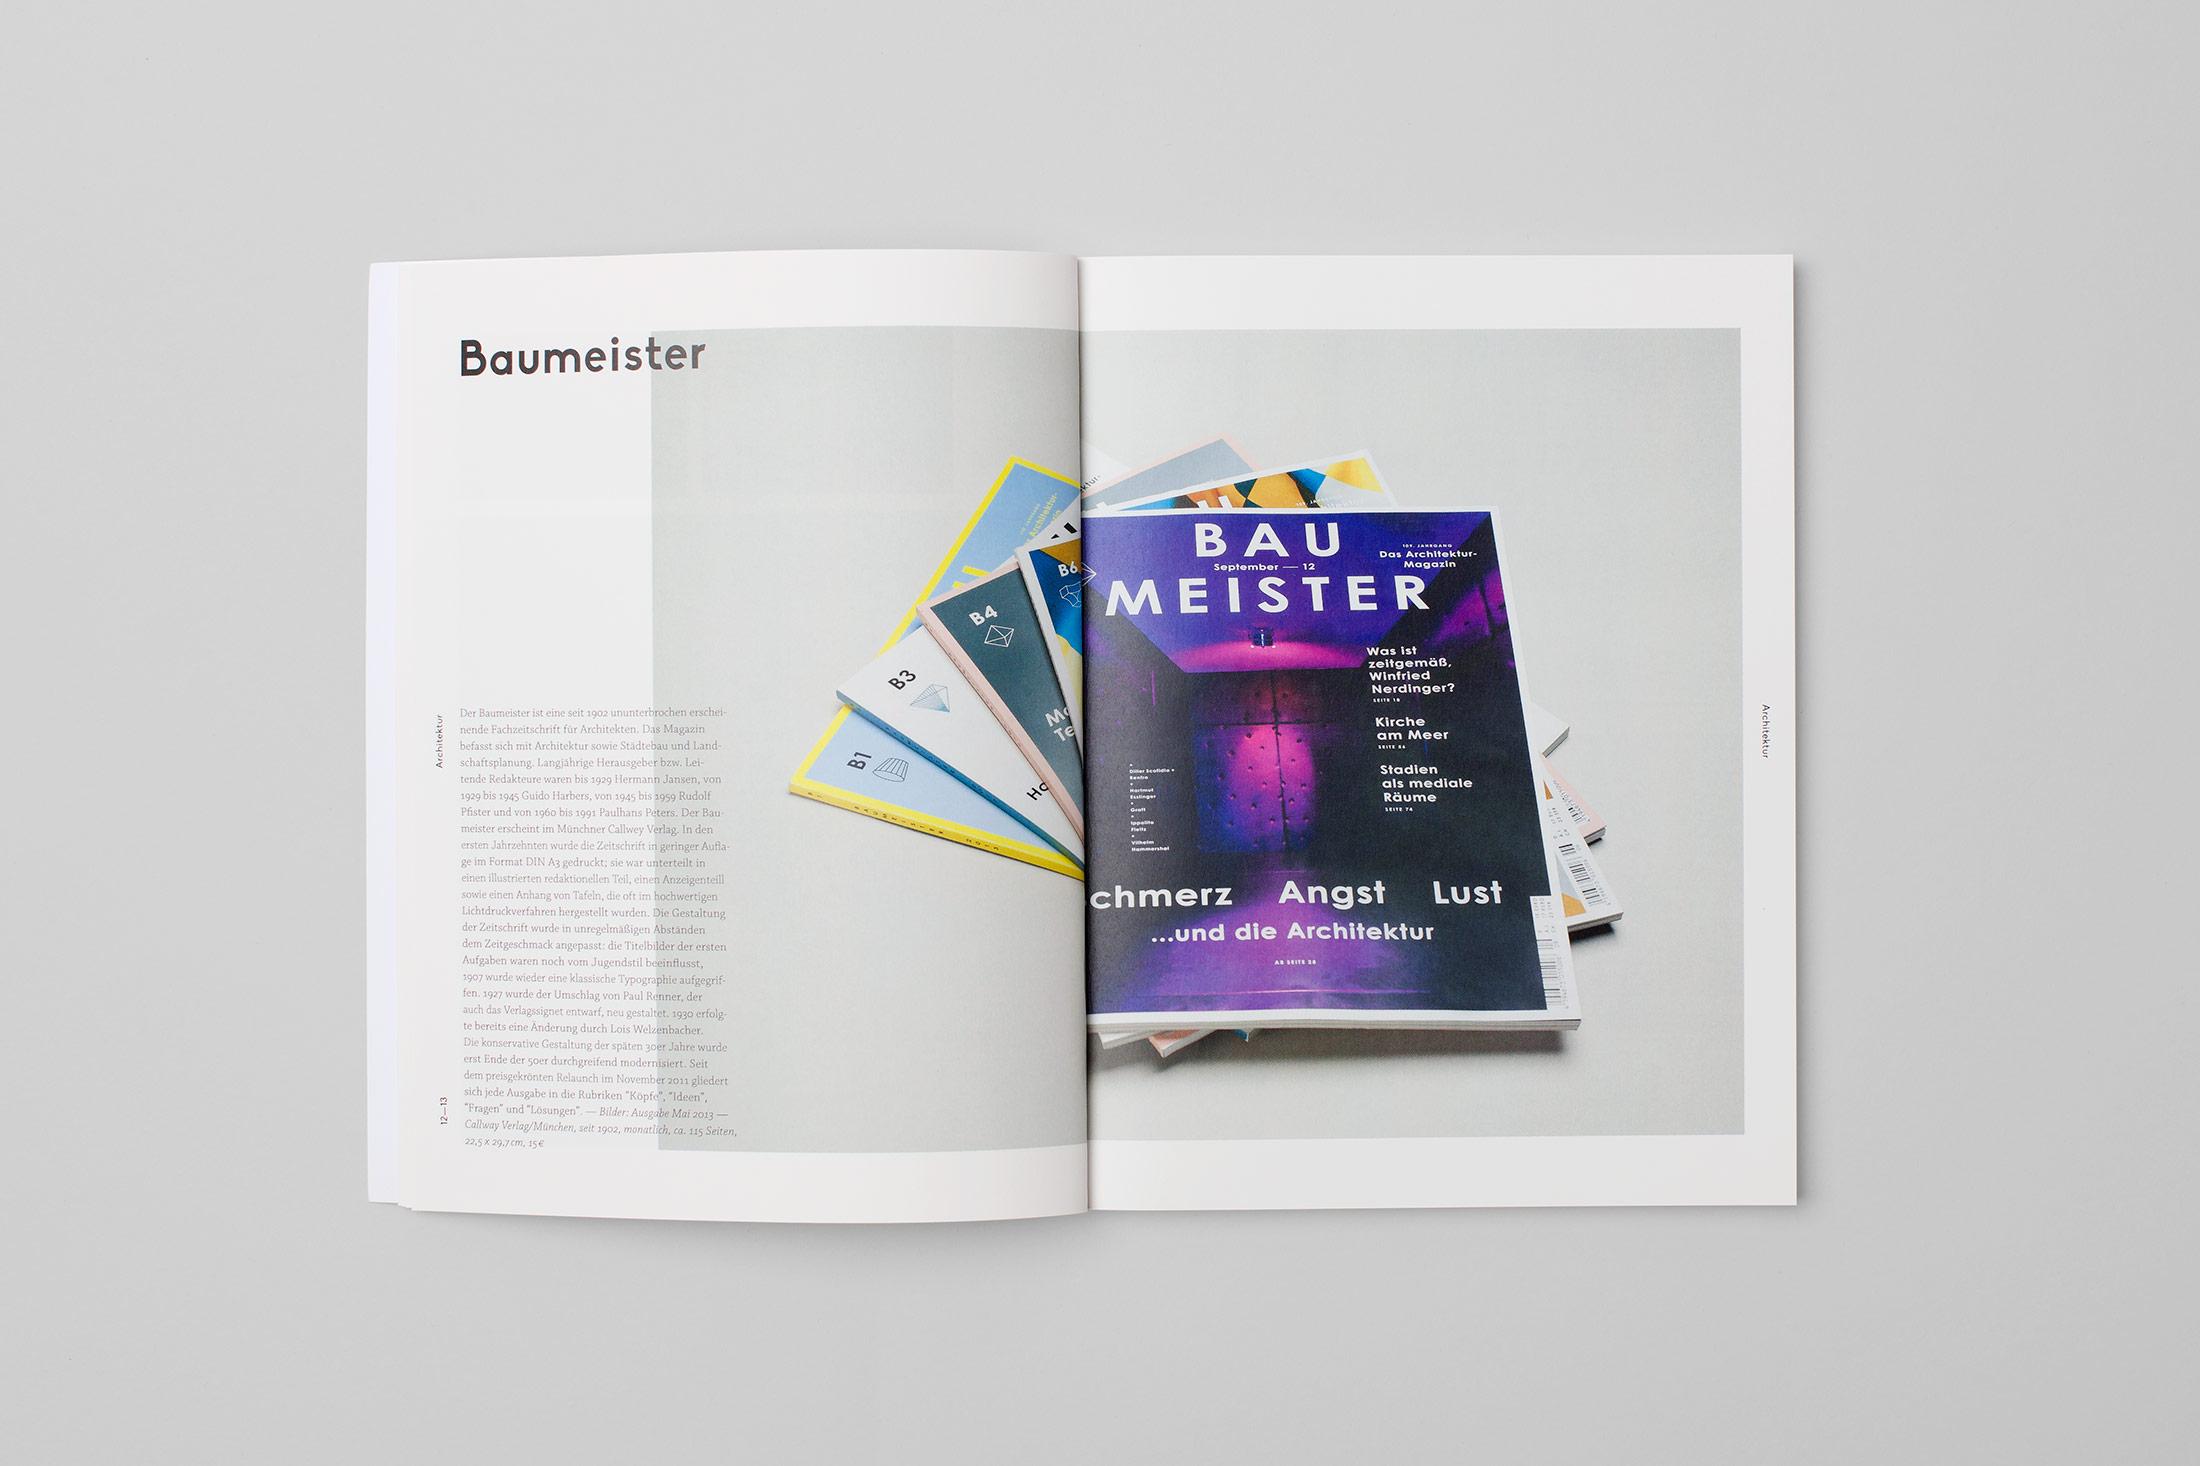 Magazinkultur_04-Mitja_Schneehage